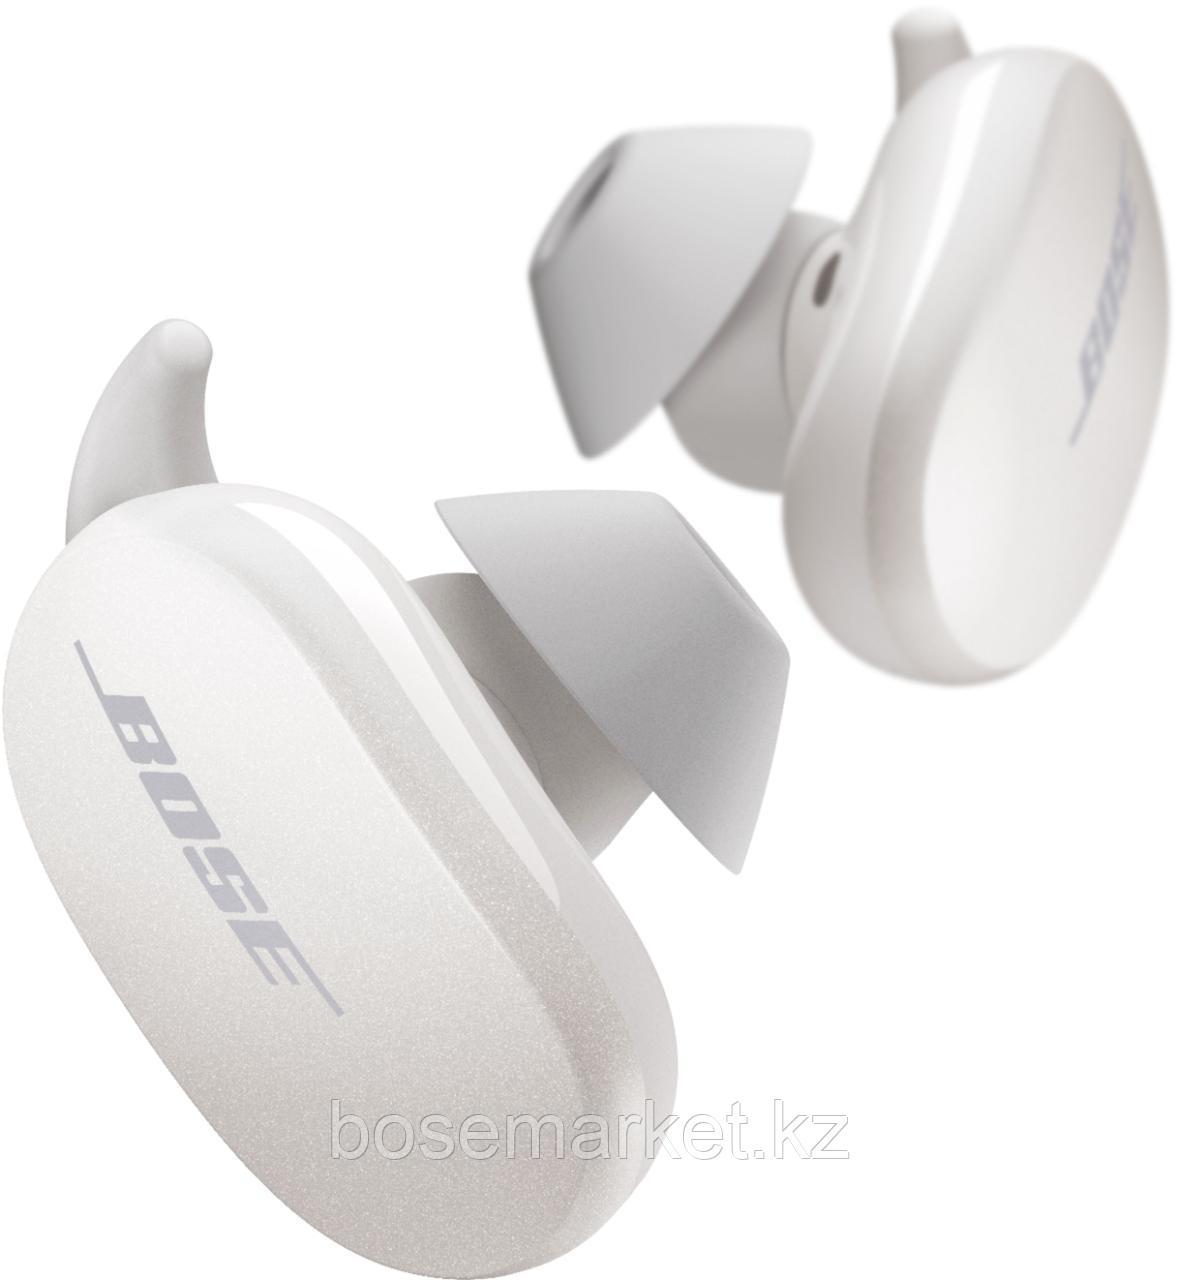 Наушники QuietComfort Earbuds - фото 5